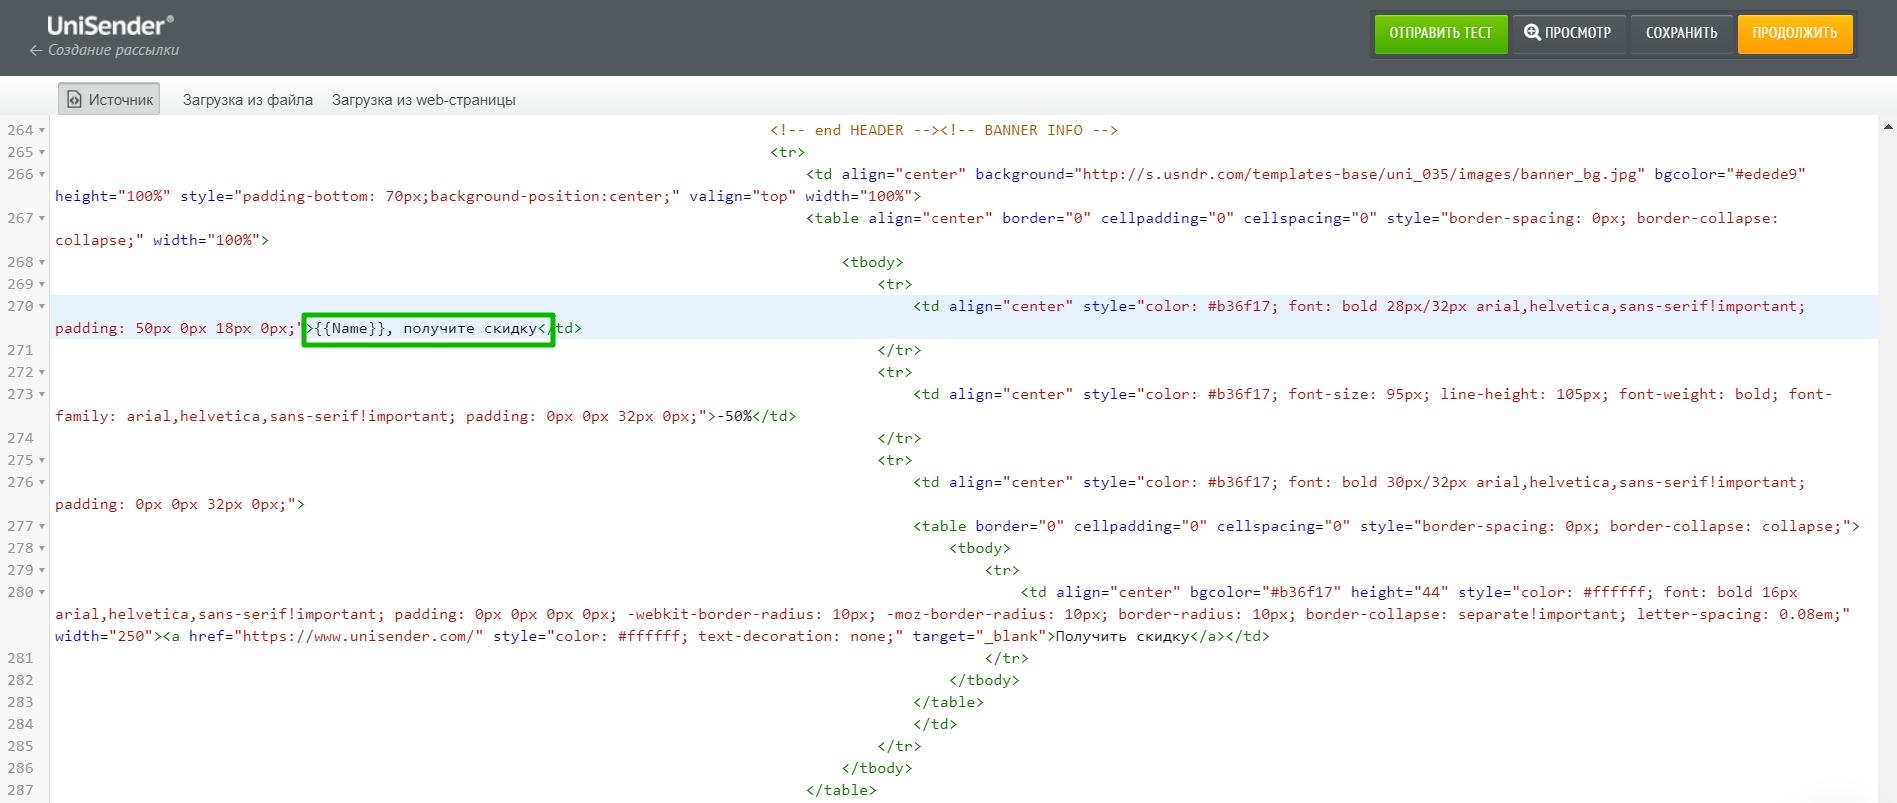 Пример внесения переменной для подстановки имени в HTML код письма